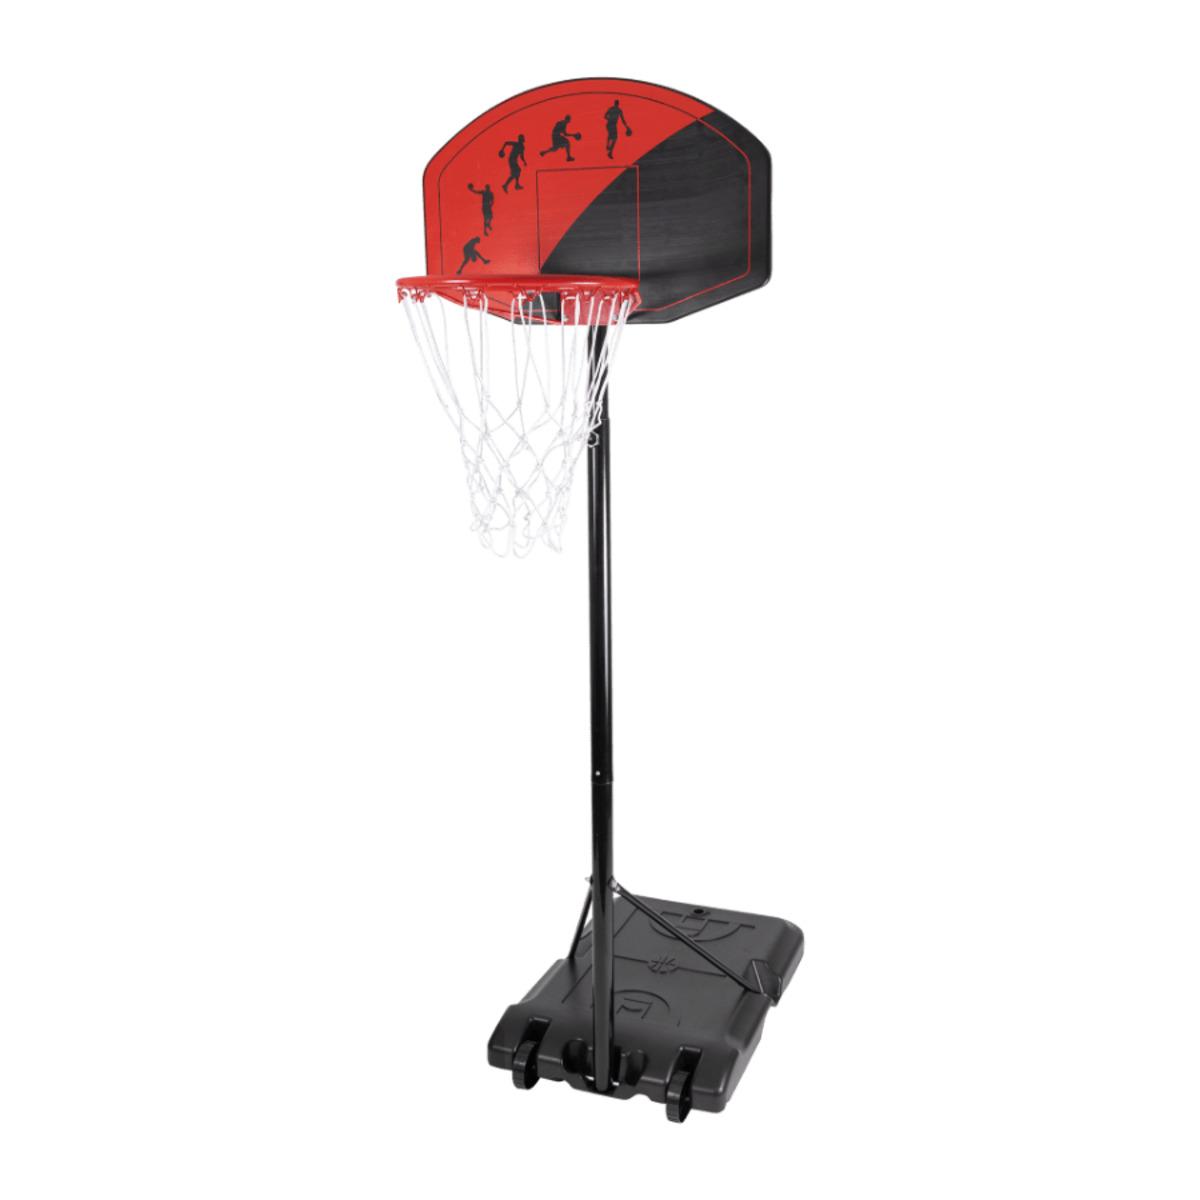 Bild 1 von CRANE     Basketballkorb mit Ständer